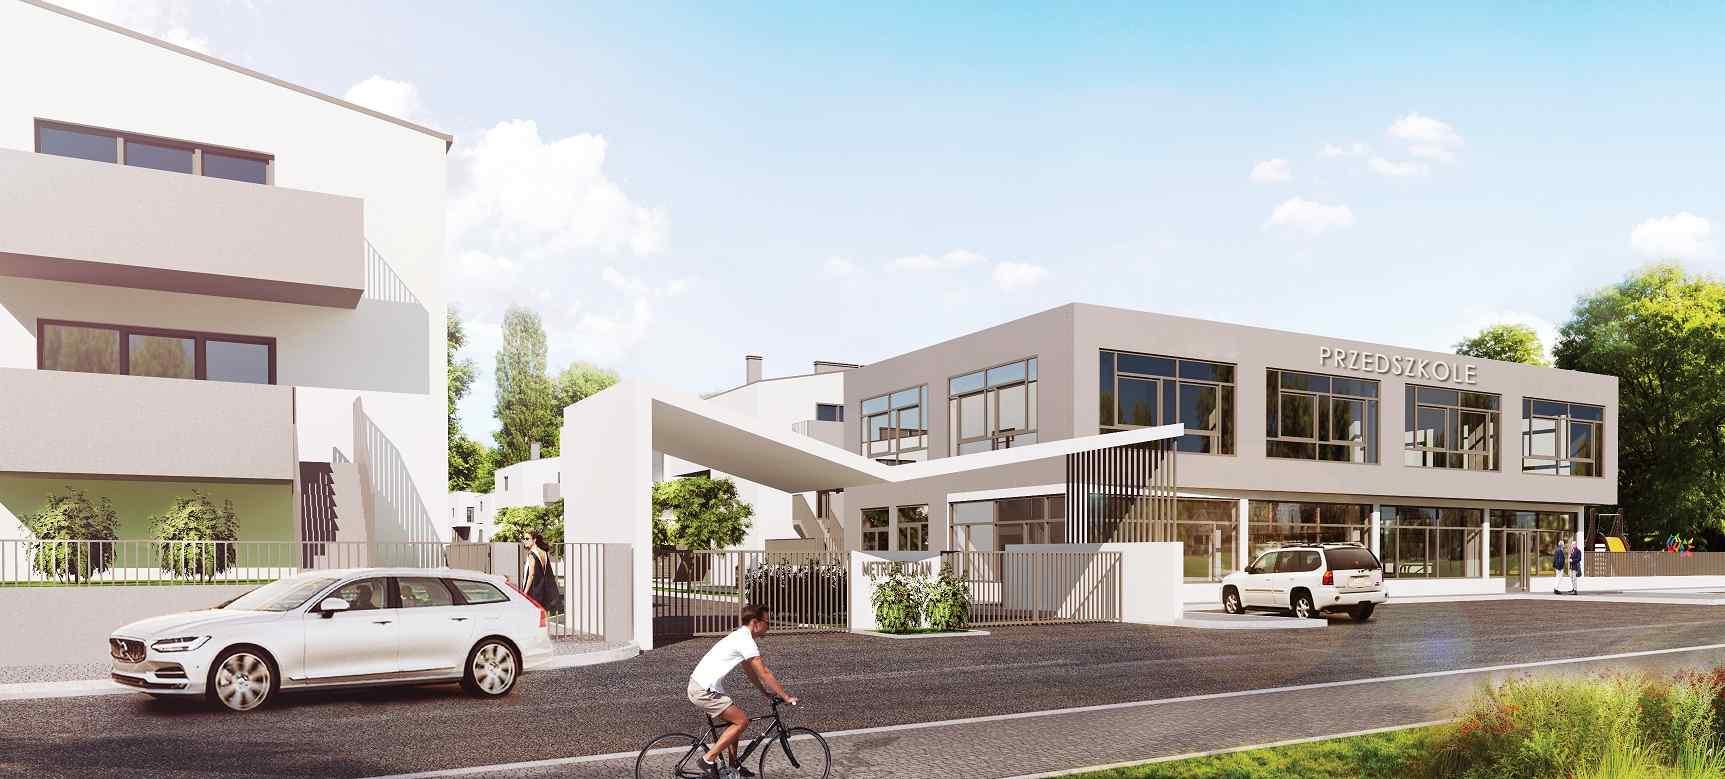 Największa inwestycja mieszkaniowa na granicy Warszawy i Marek